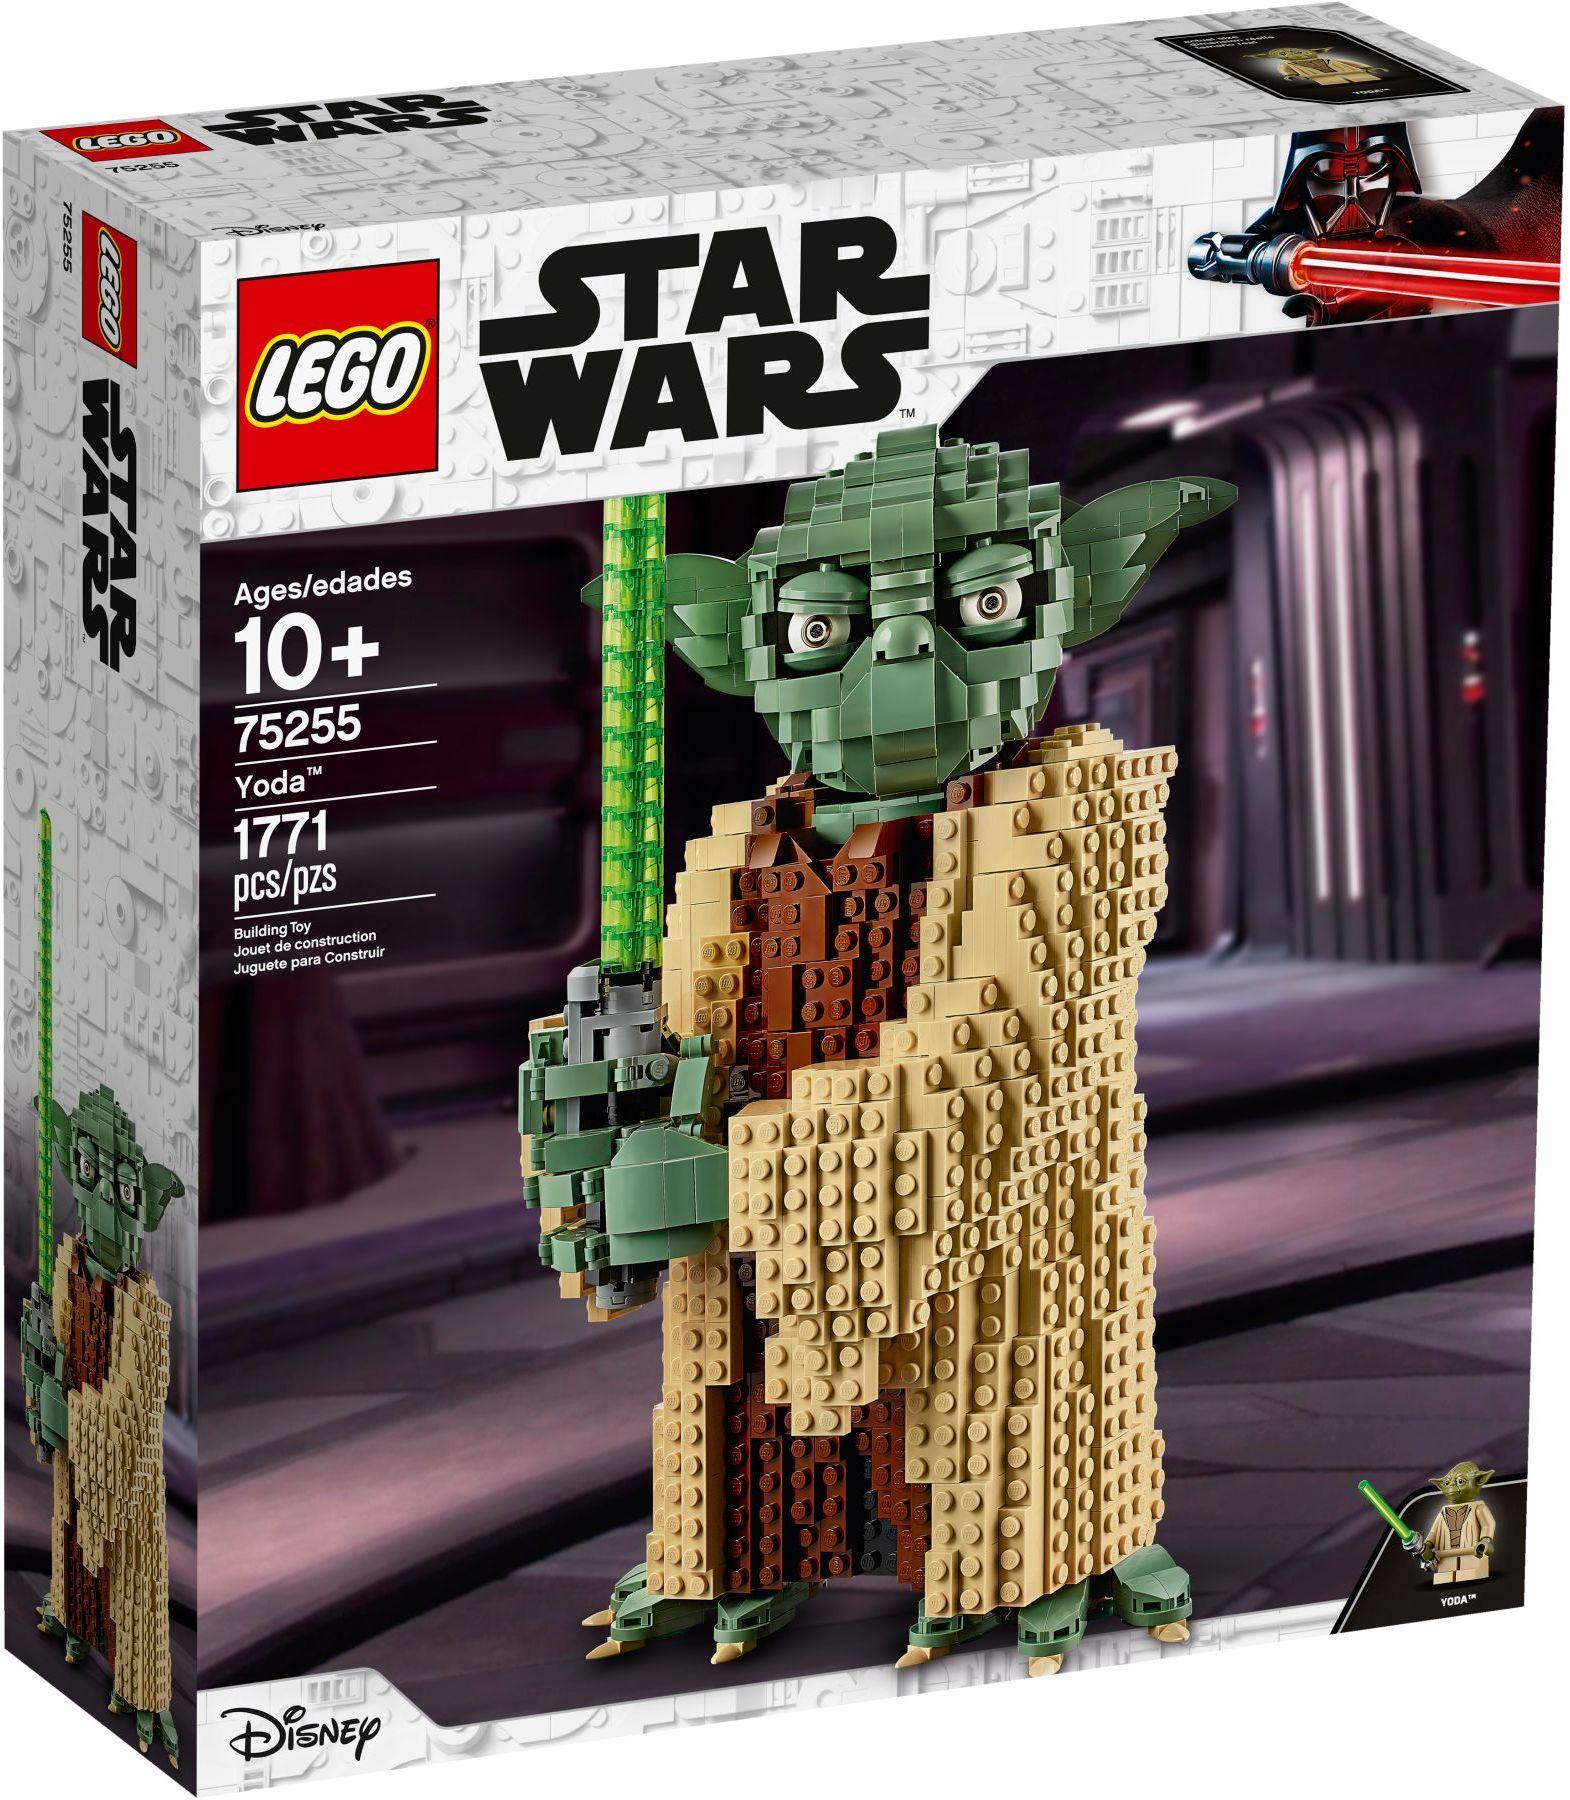 lego-star-wars-75255-yoda-box-2019 zusammengebaut.com